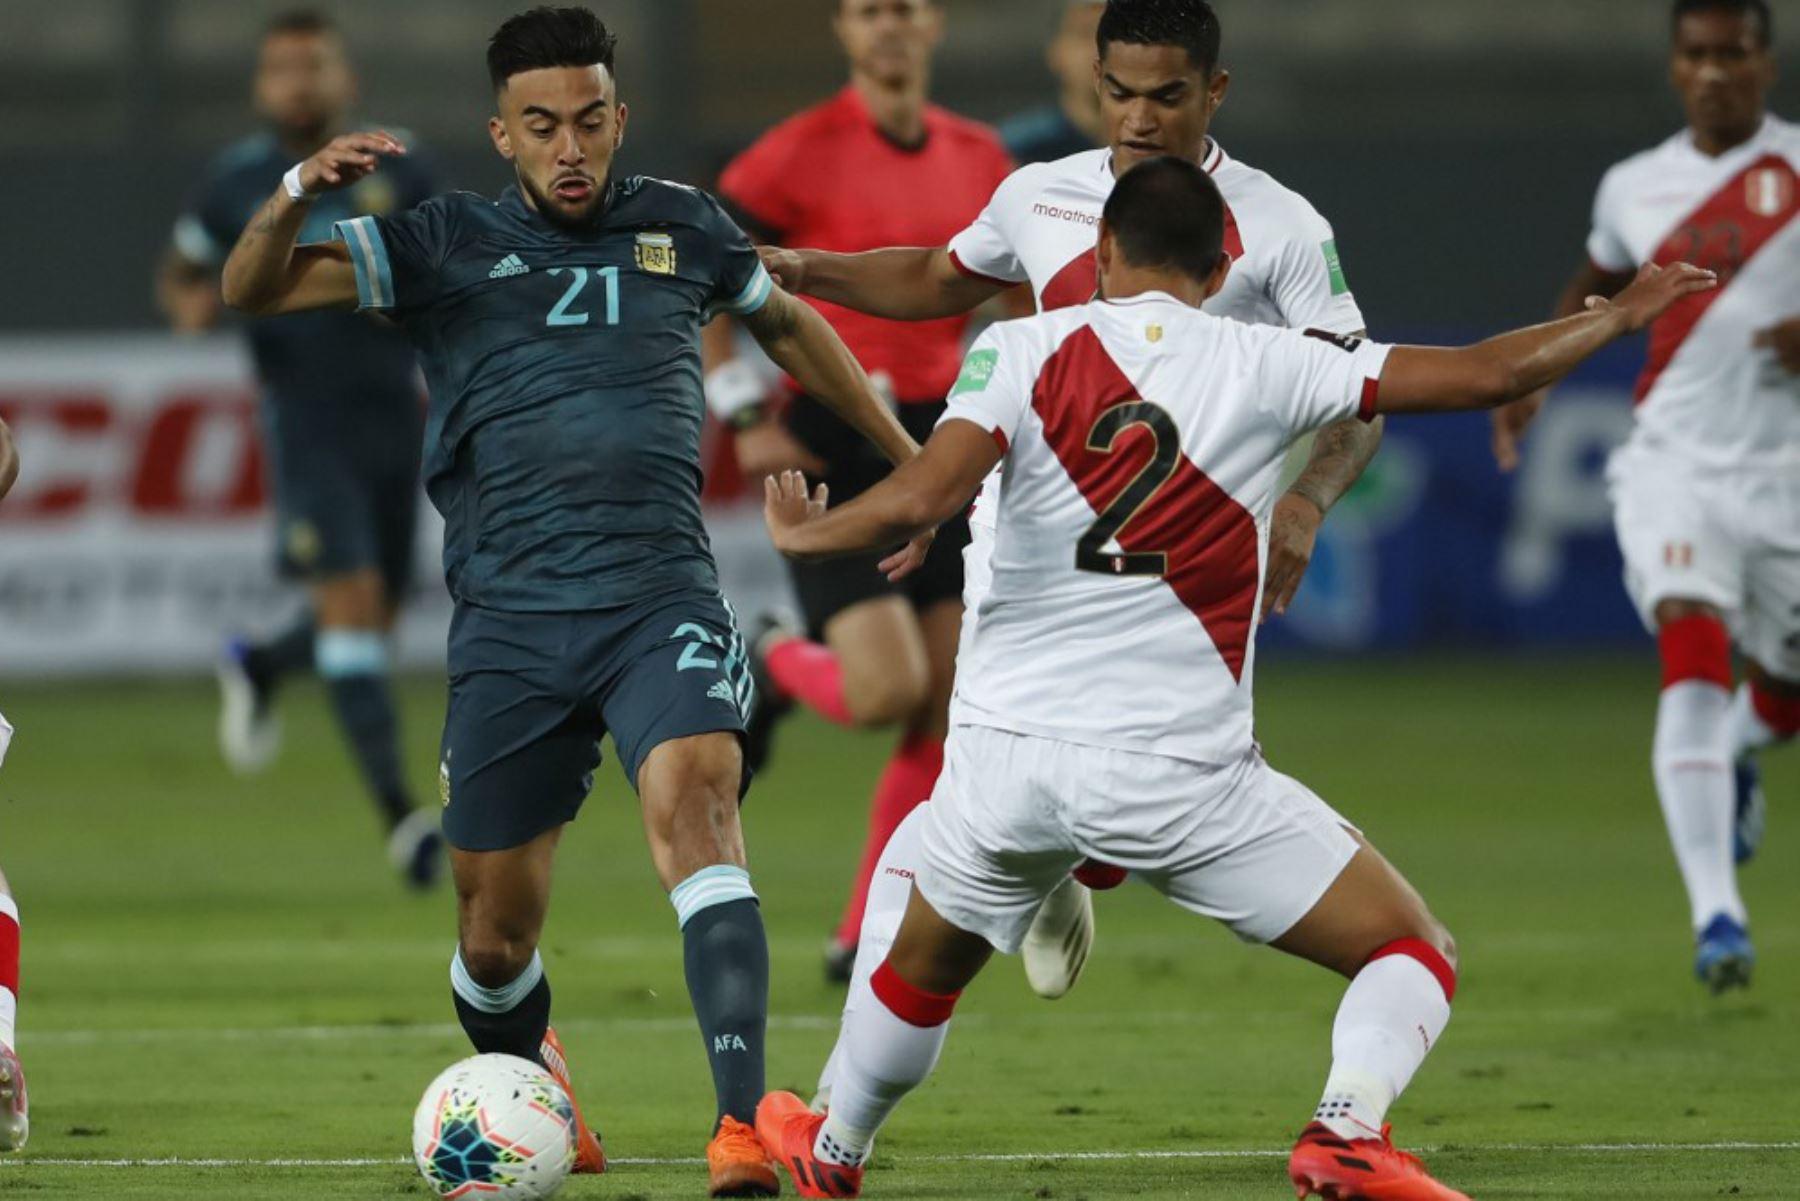 El argentino Nicolás González y el peruano Luis Abram compiten por el balón durante su partido de fútbol a puerta cerrada clasificatorio sudamericano para la Copa Mundial de la FIFA 2022 en el Estadio Nacional de Lima. Foto: AFP